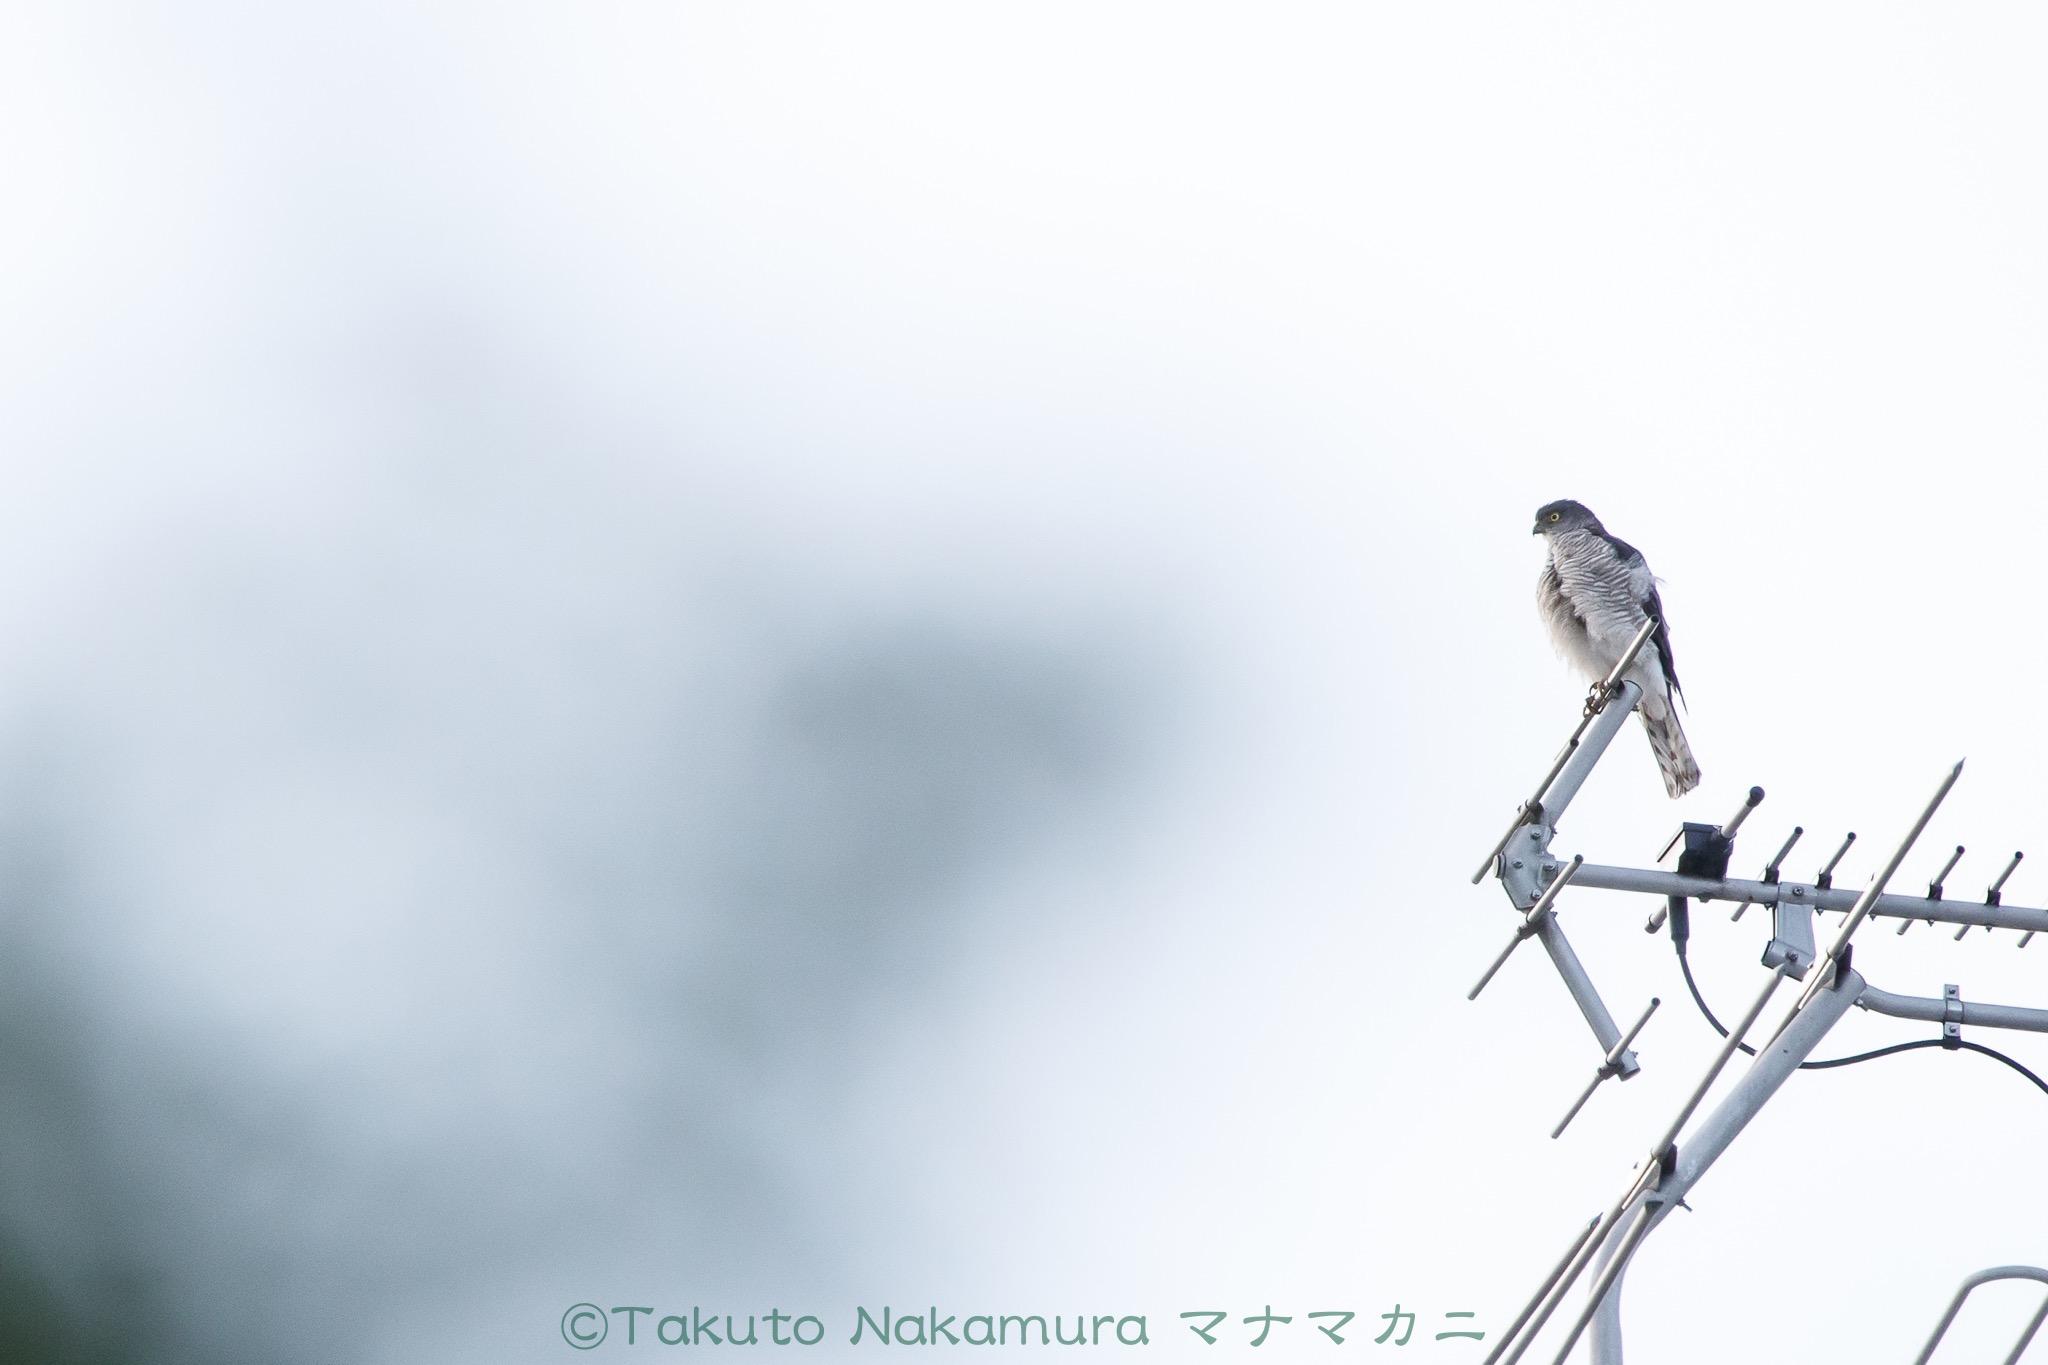 アンテナから巣を見張るツミ母さん。 ※クリックすると関連Blog記事が表示されます。2020年6月足立区